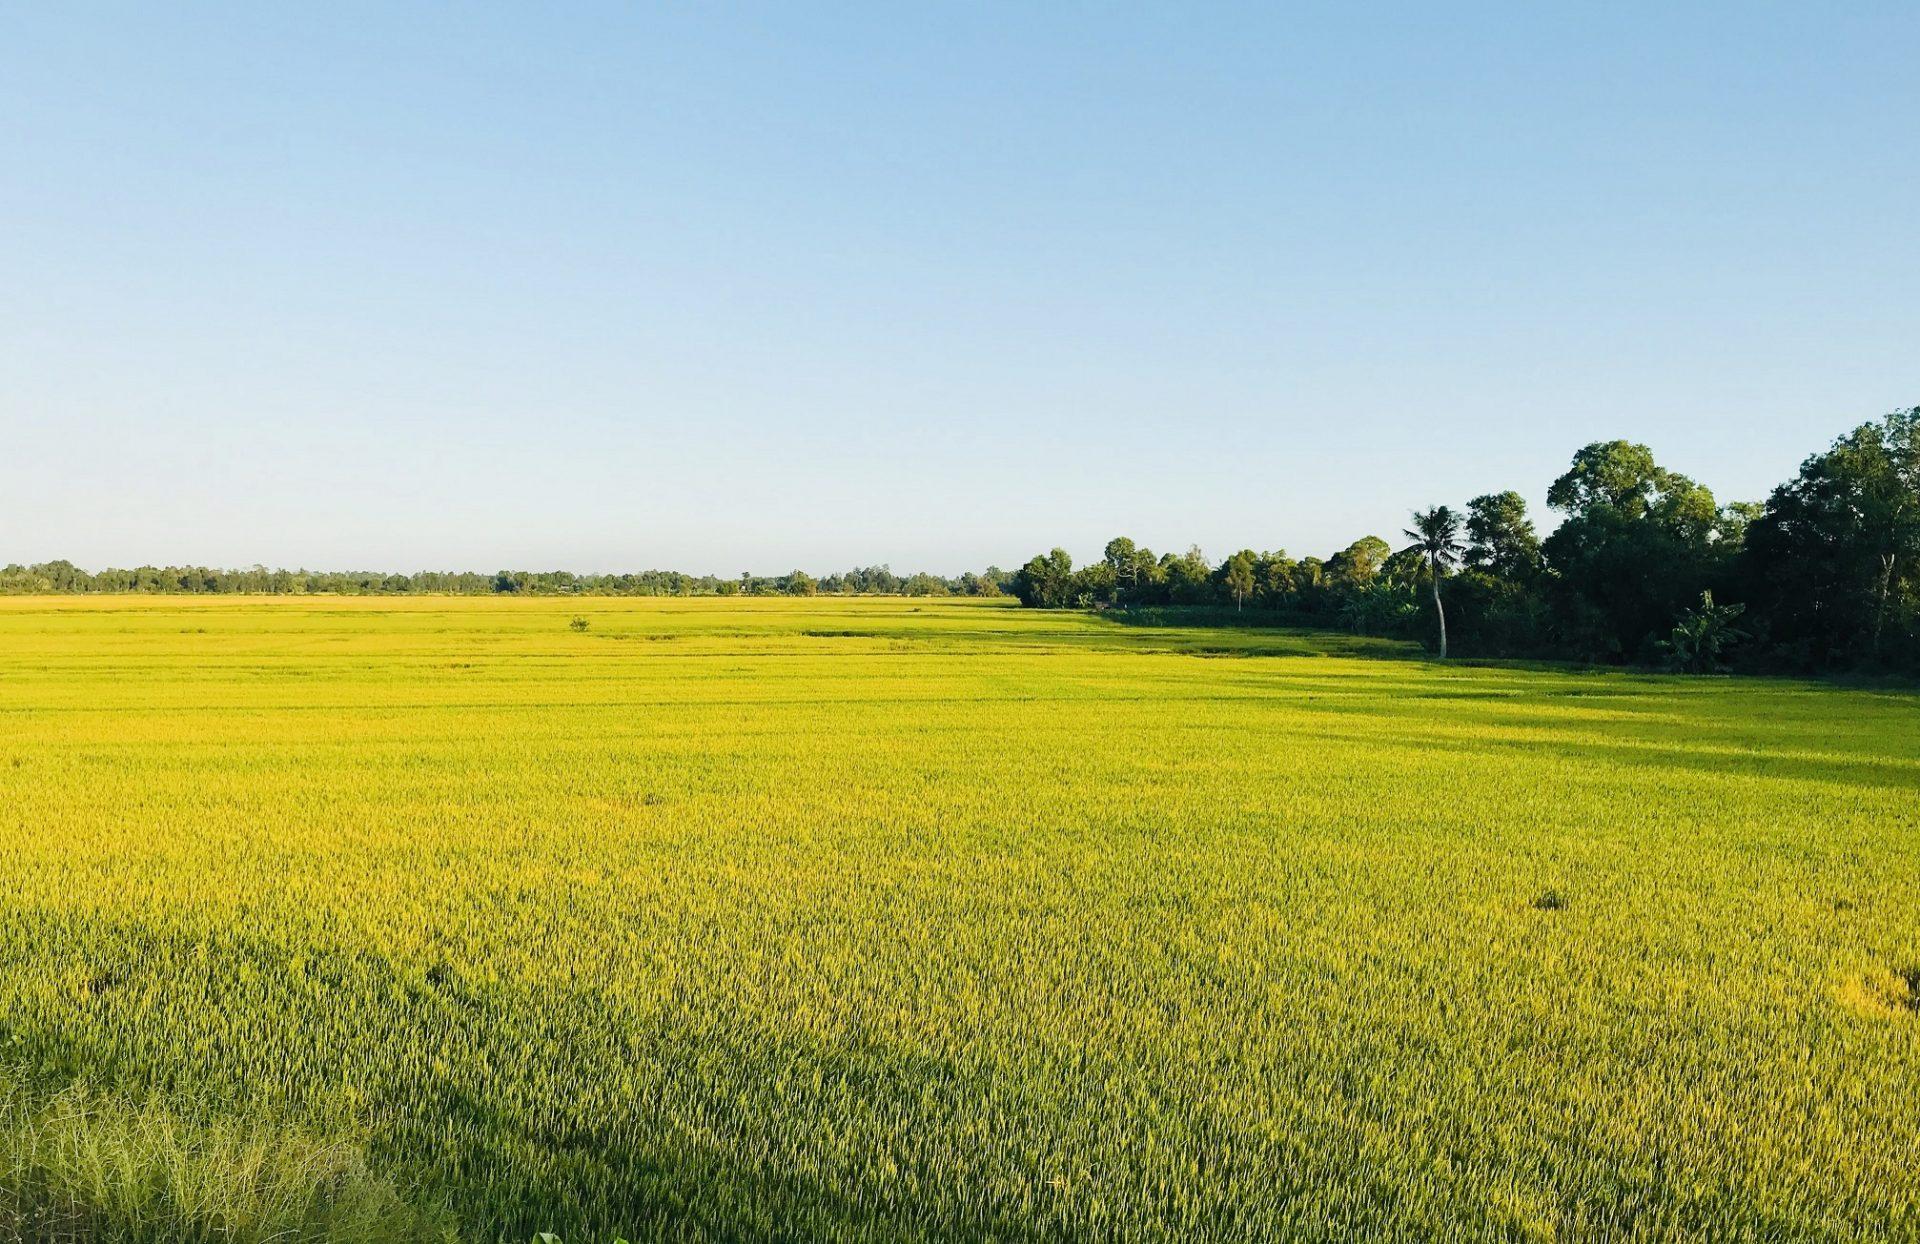 Beautiful yellow rice field